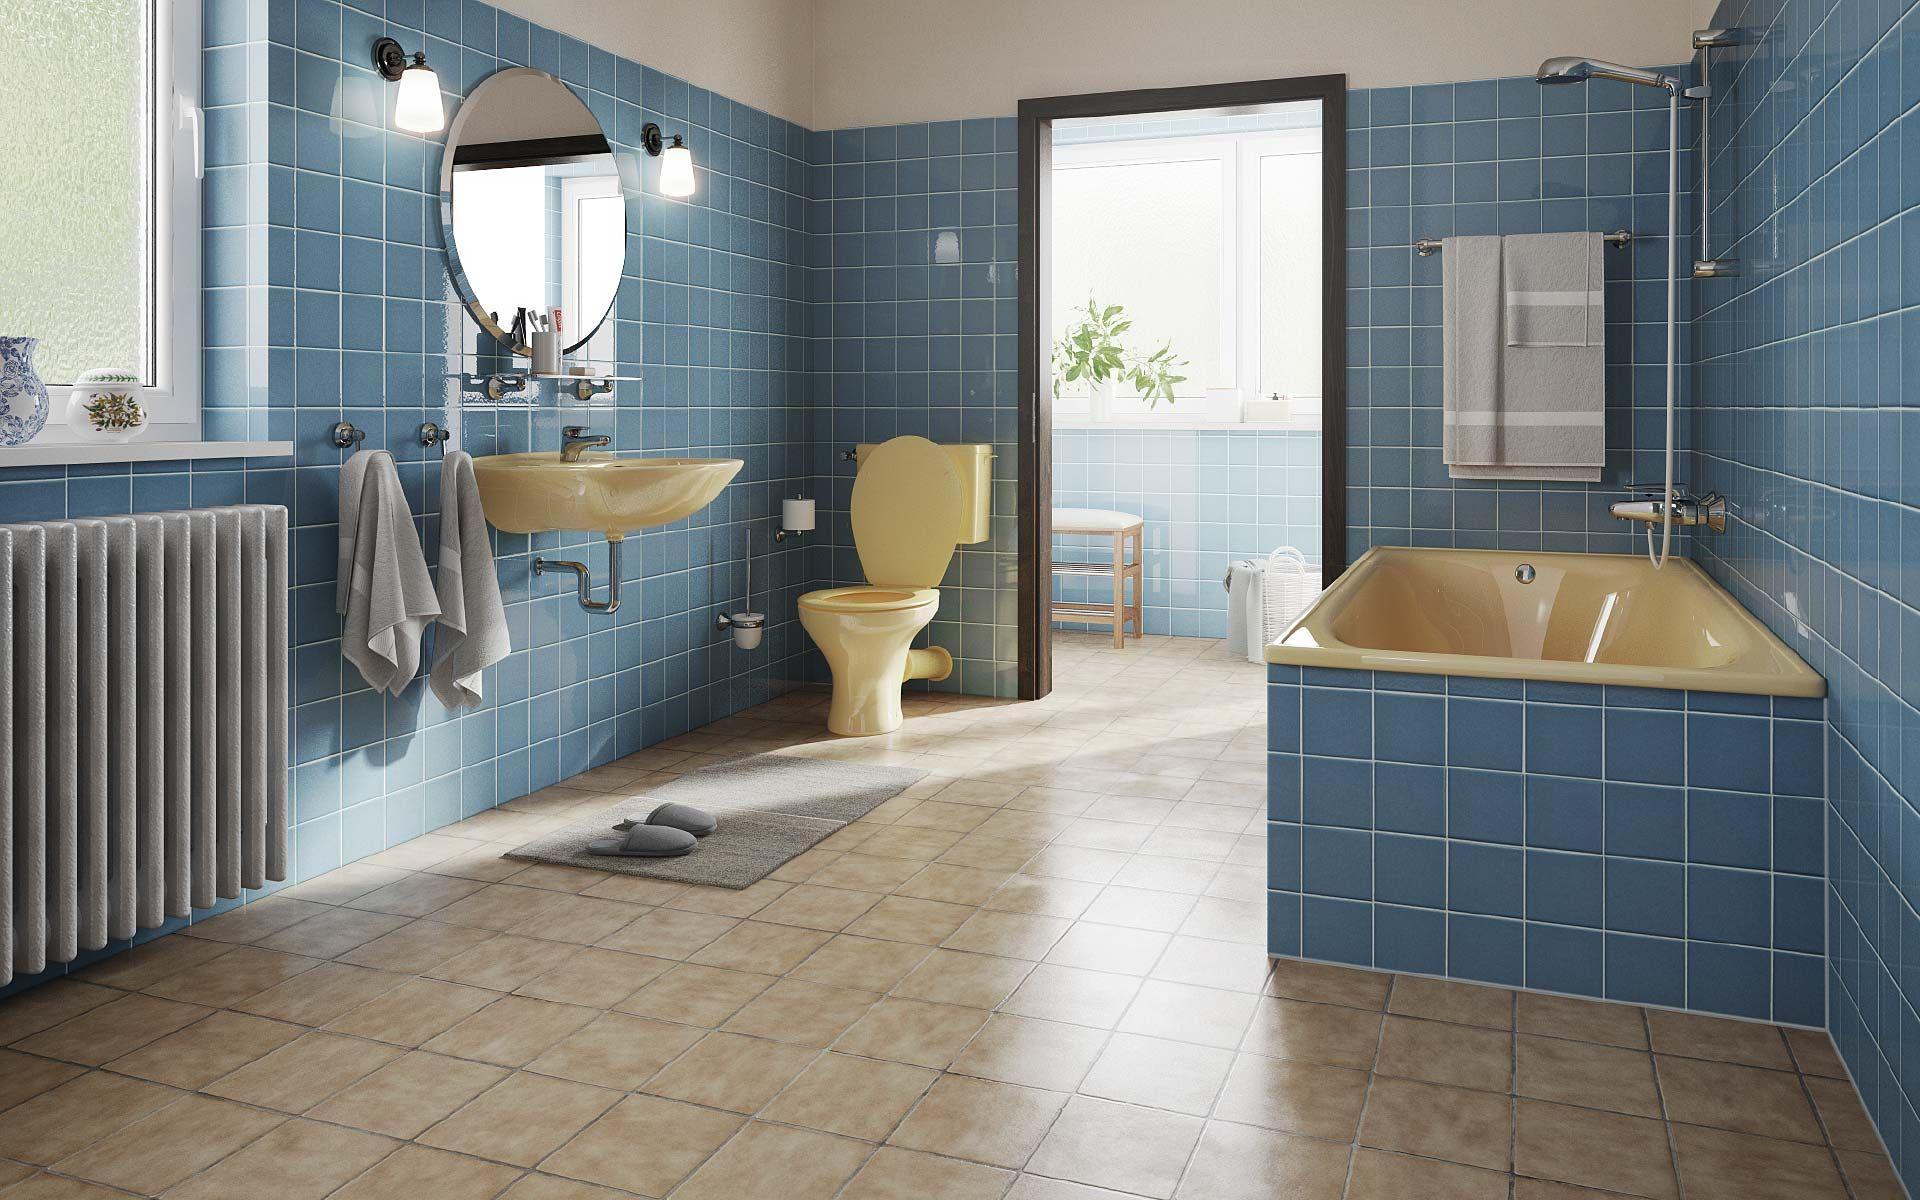 Neo Vario Die Echte Alternative Zu Naturstein Und Fliese Badezimmer Fliesen Bad Modernisieren Badezimmer Fliesen Bilder